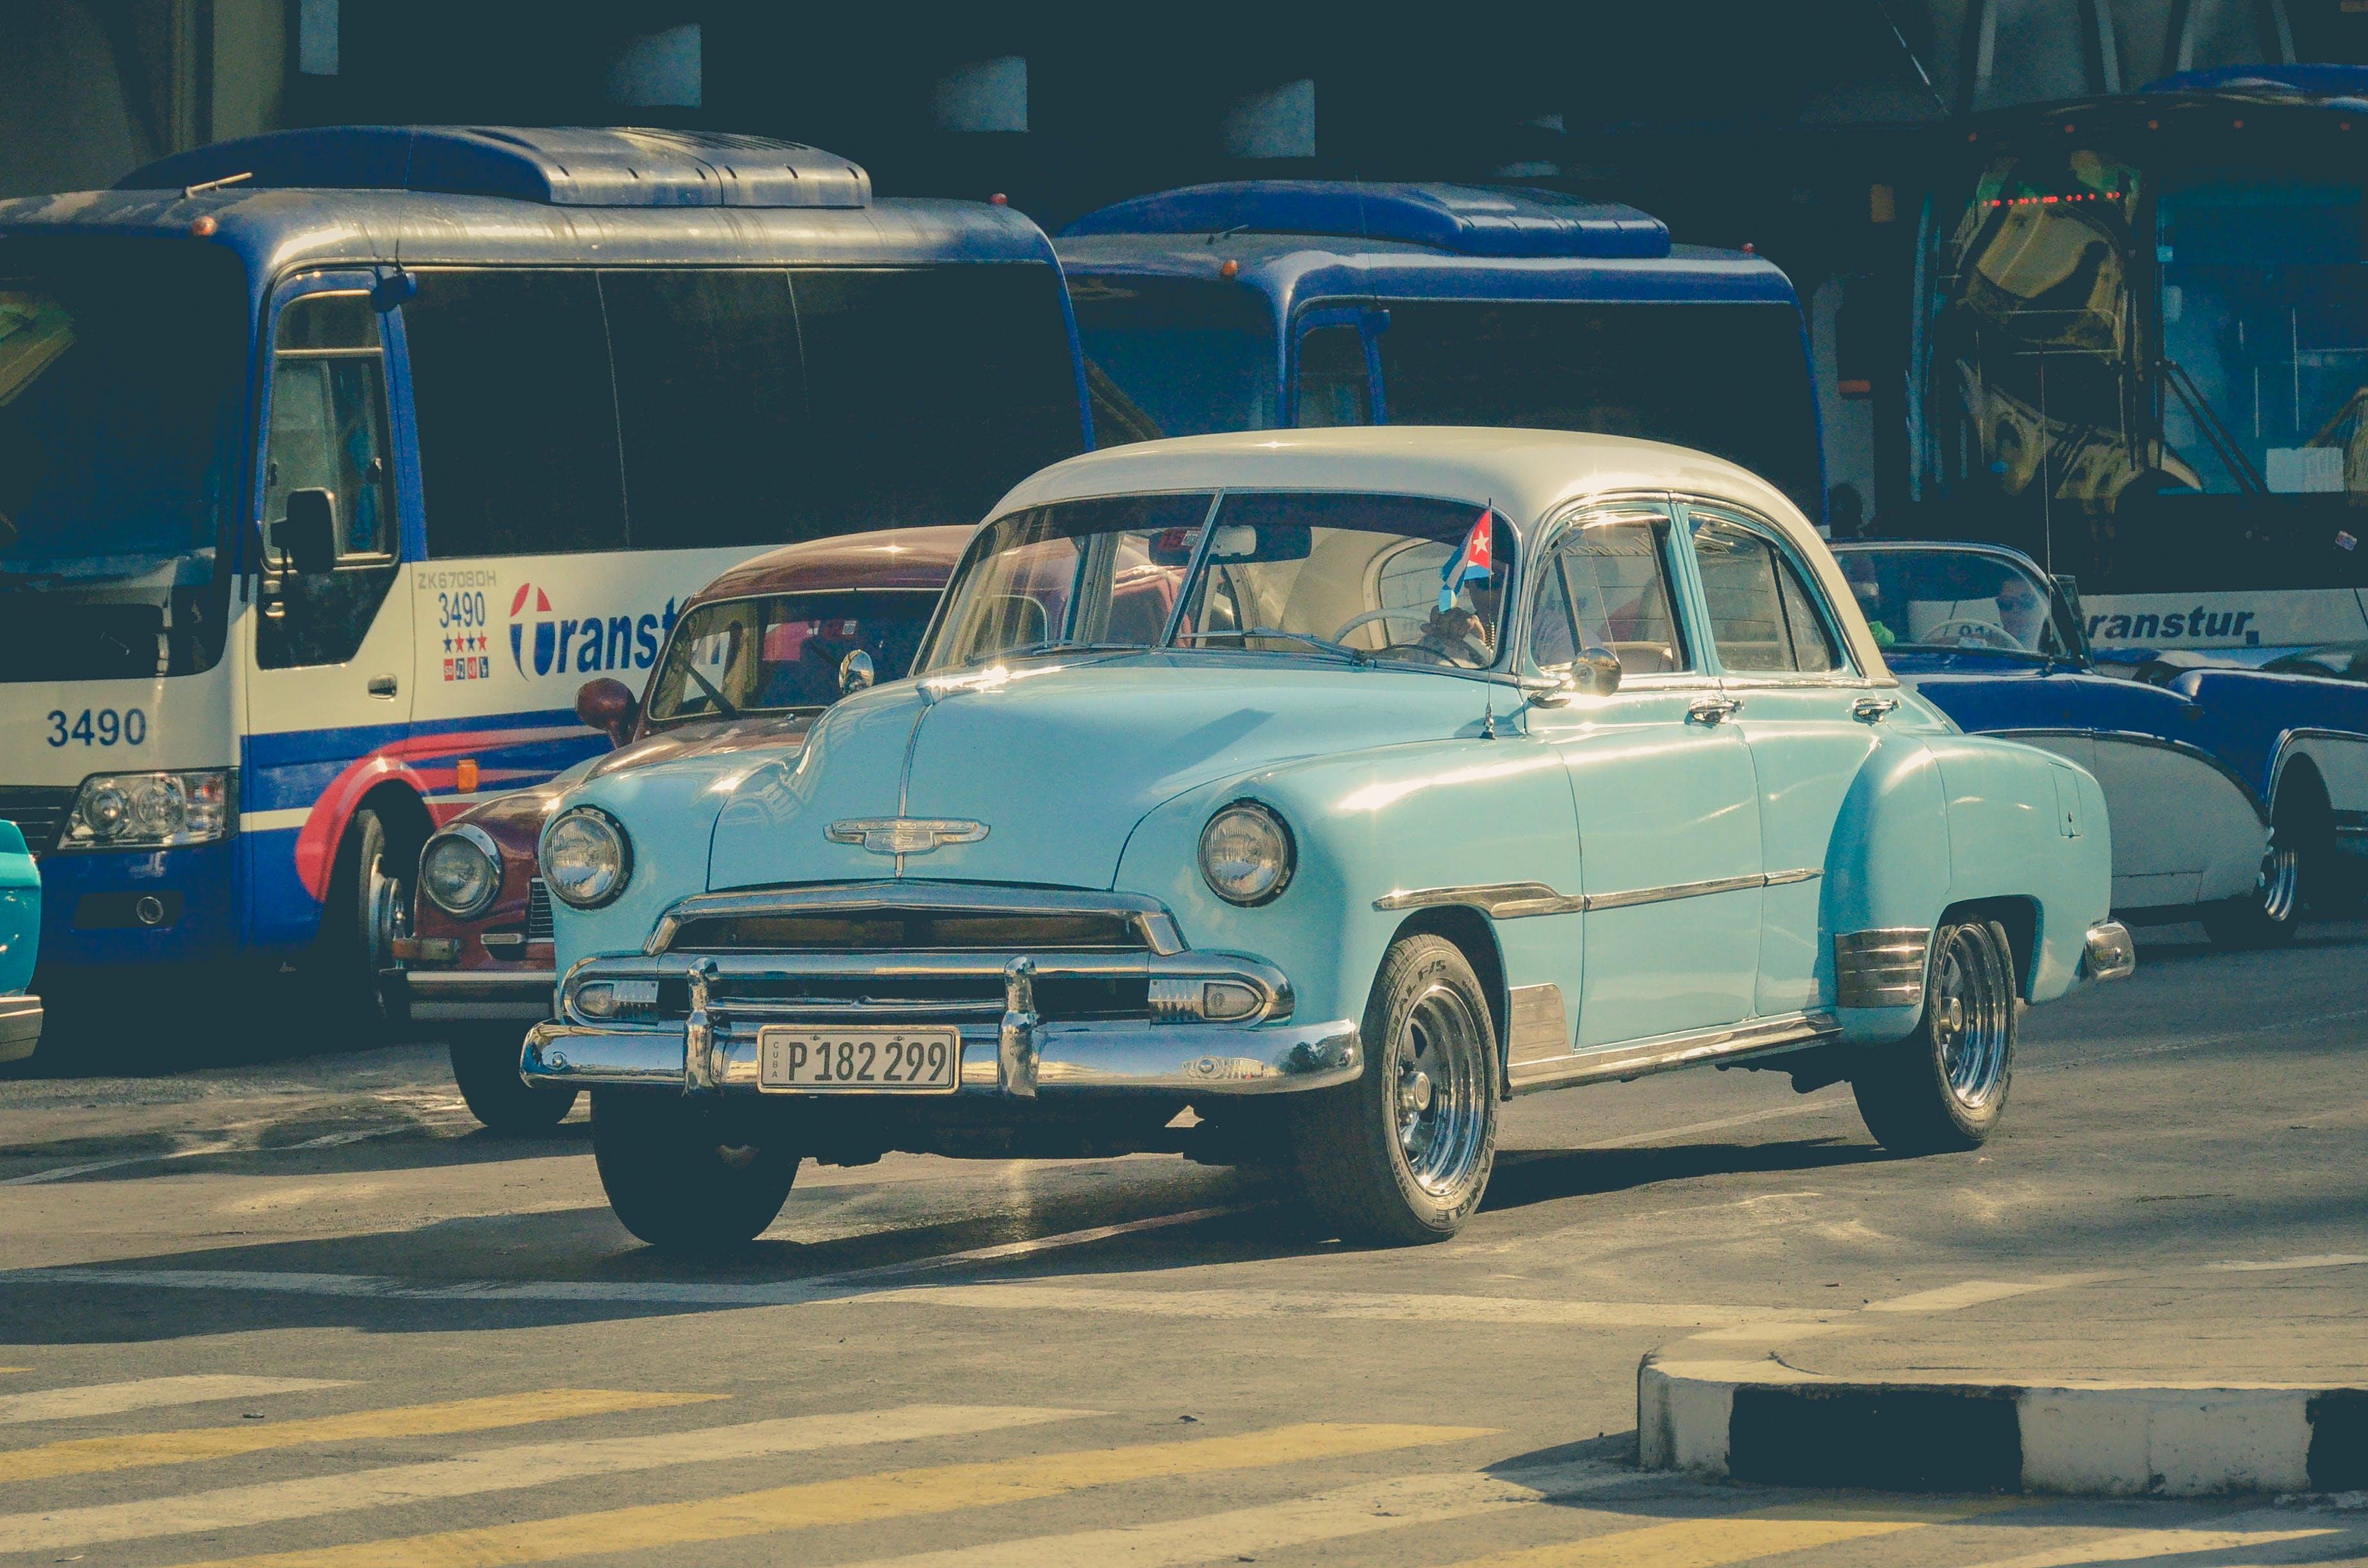 Free stock photo of american car, car, cuba, Cuba car